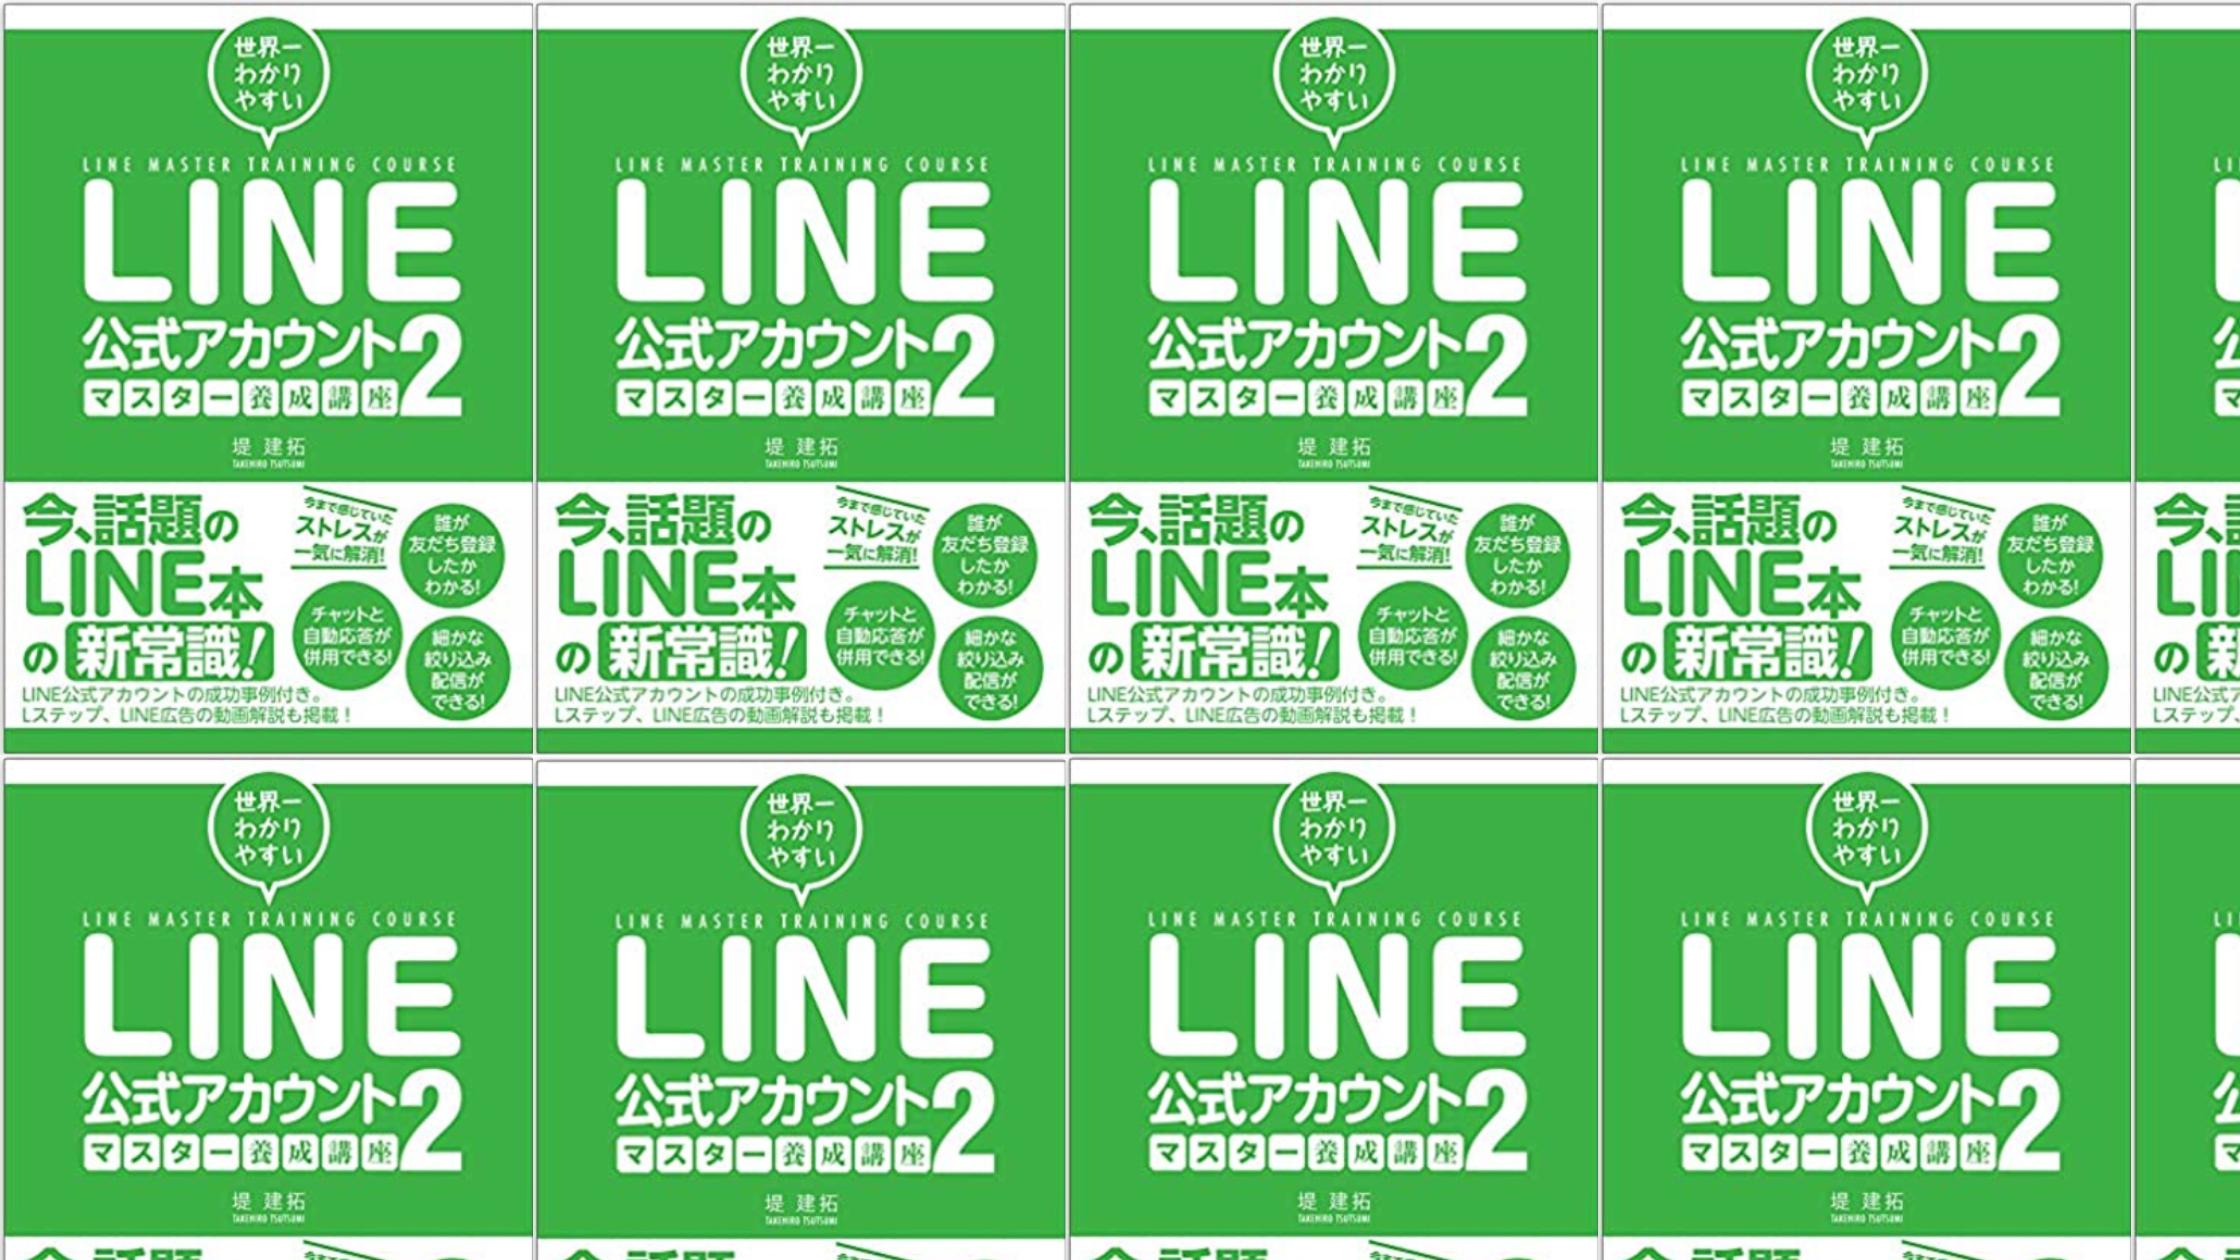 LINE公式アカウントマスター養成講座2